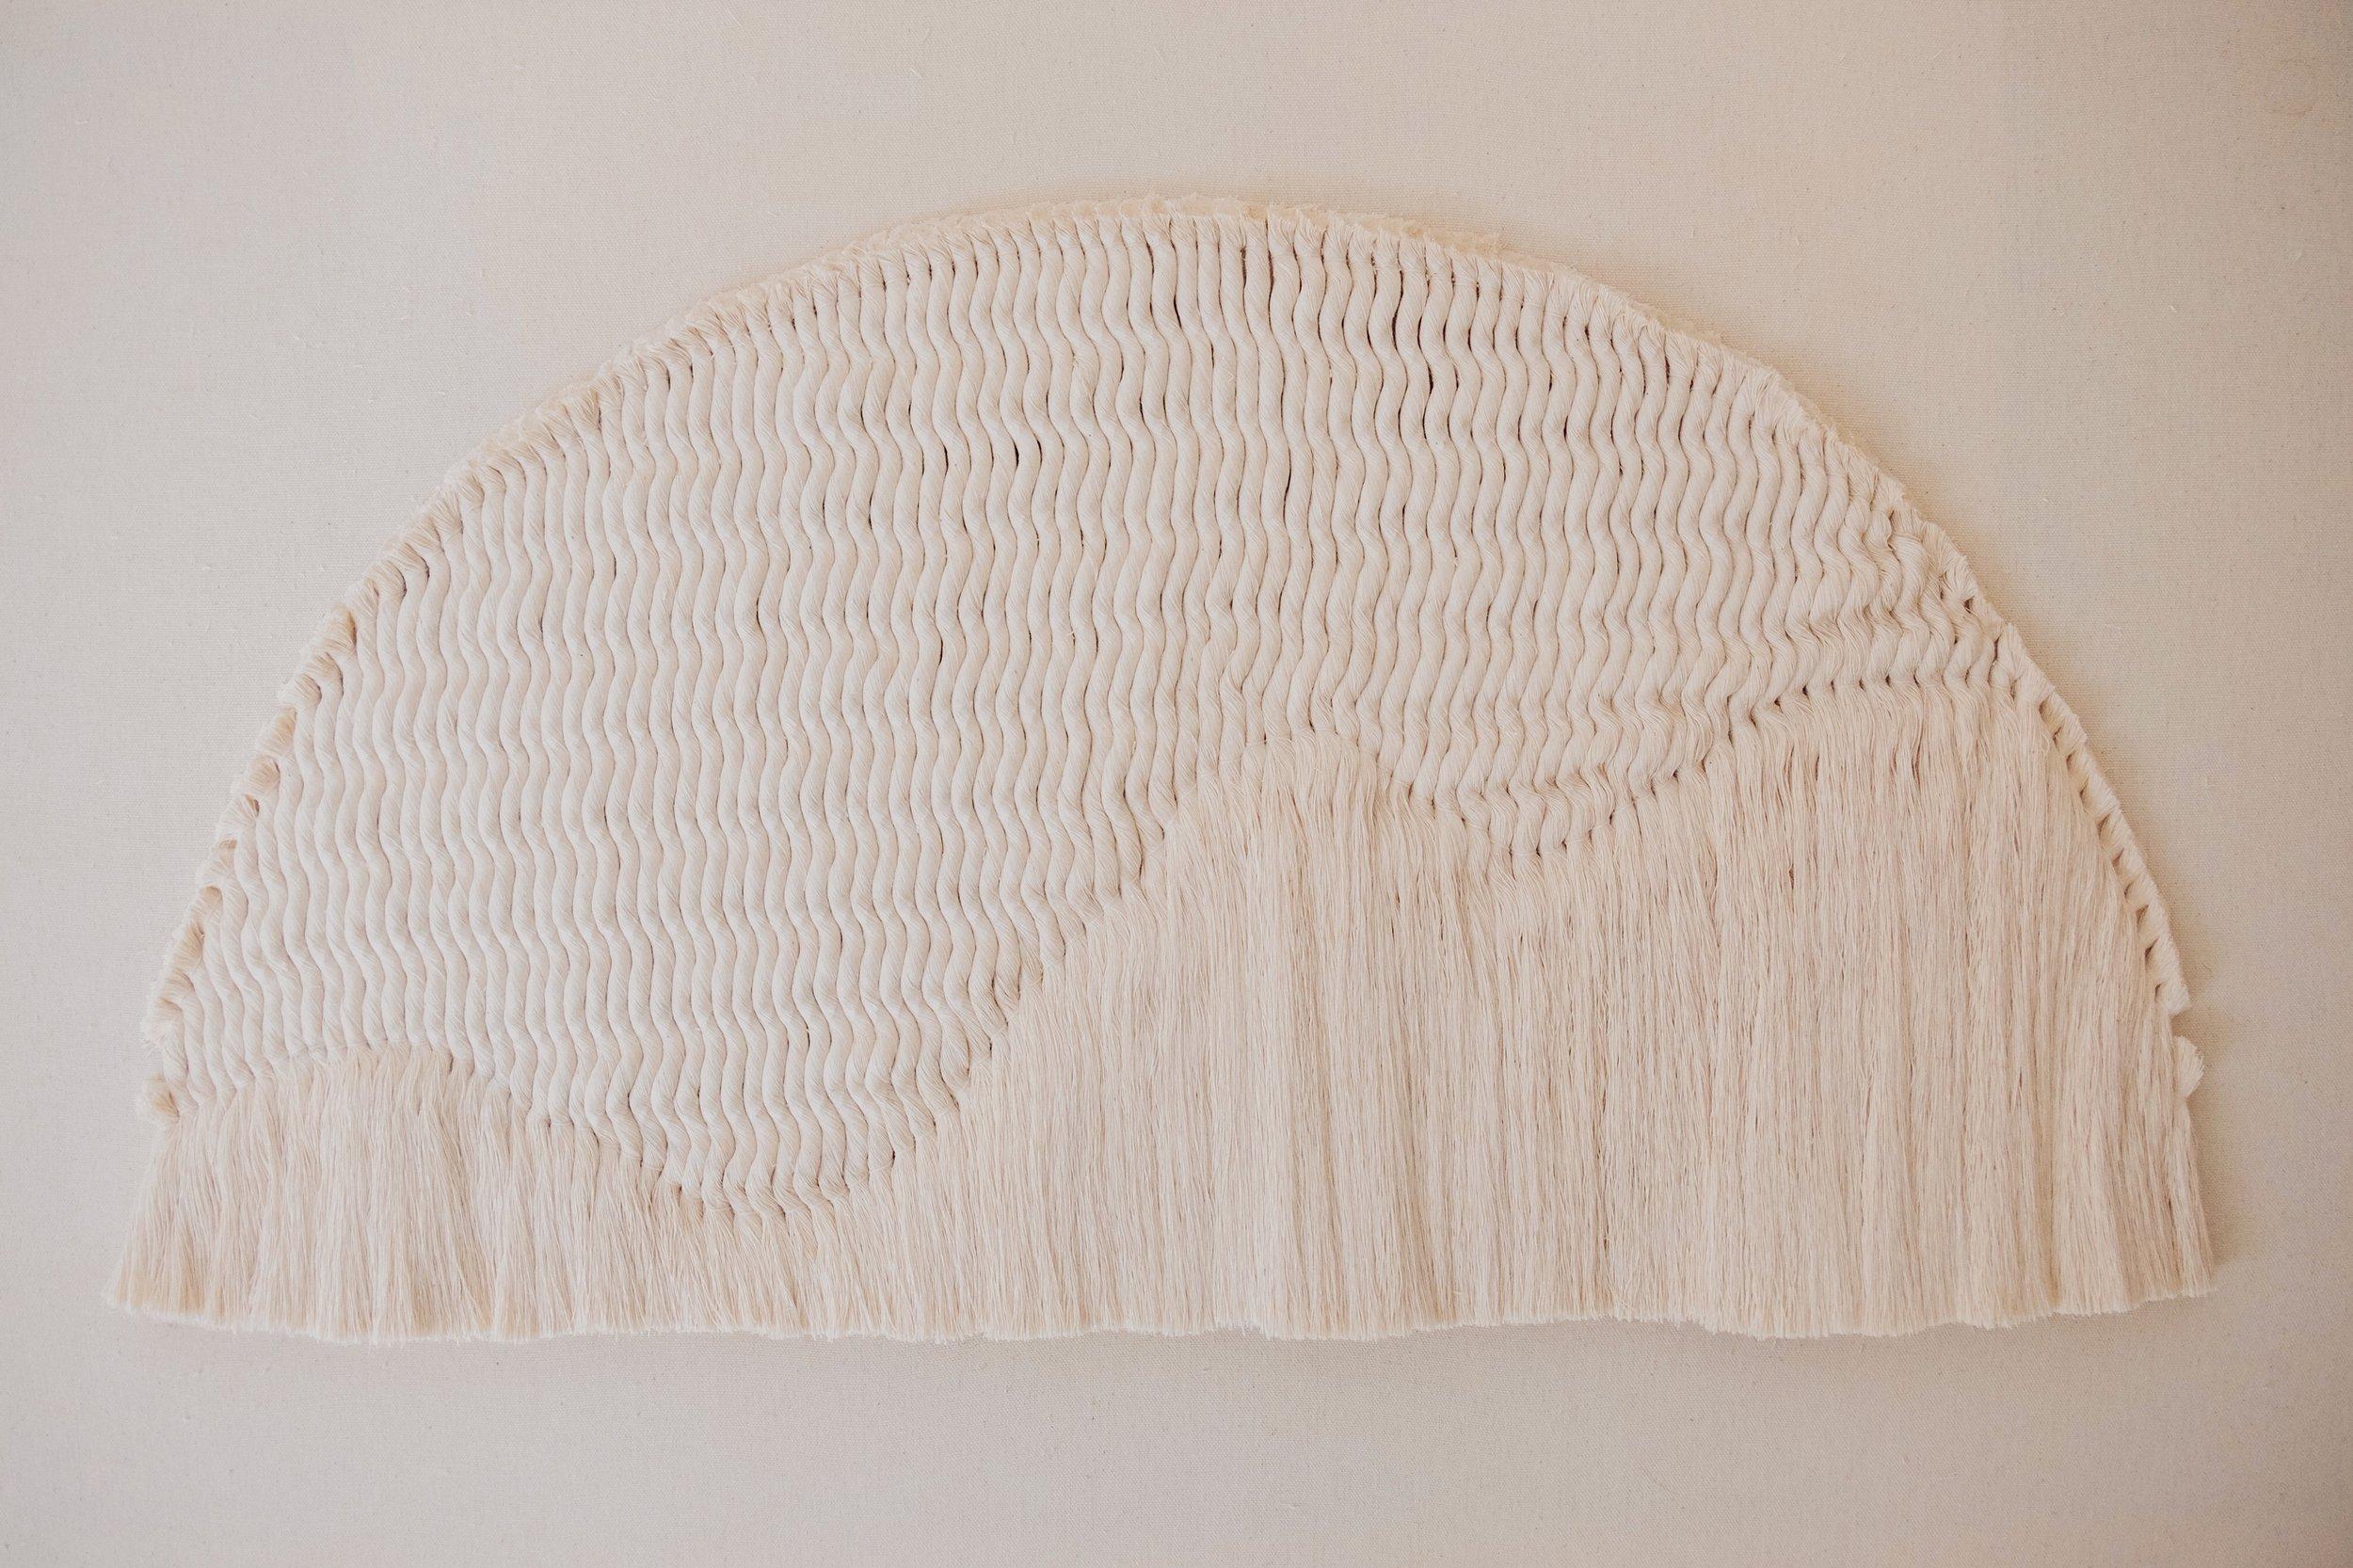 FIBER ART BY TIFFANY LUSTEG OF KINDRED + COPPER